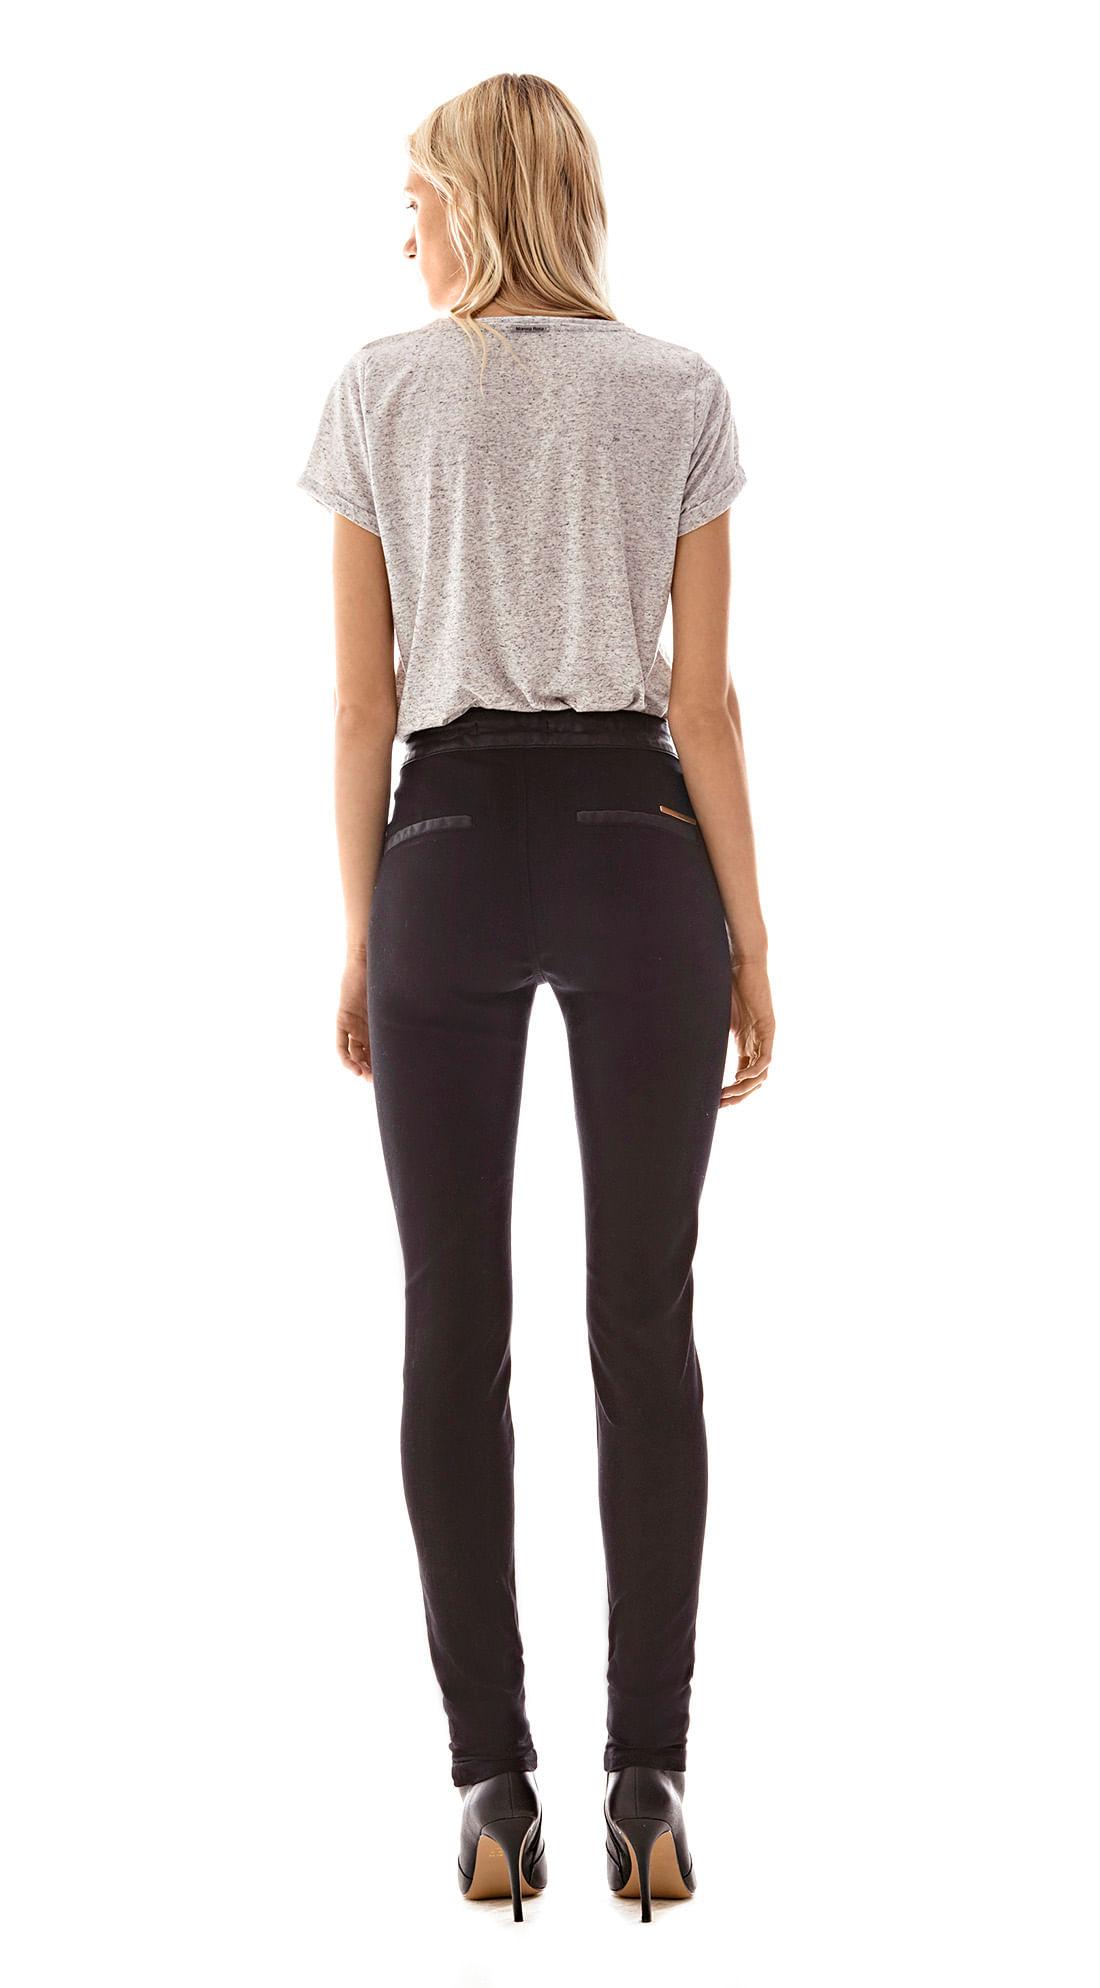 540ea17313 Calca Slim Isabelli Cos Alto Bolso Embutido Jeans - morenarosa